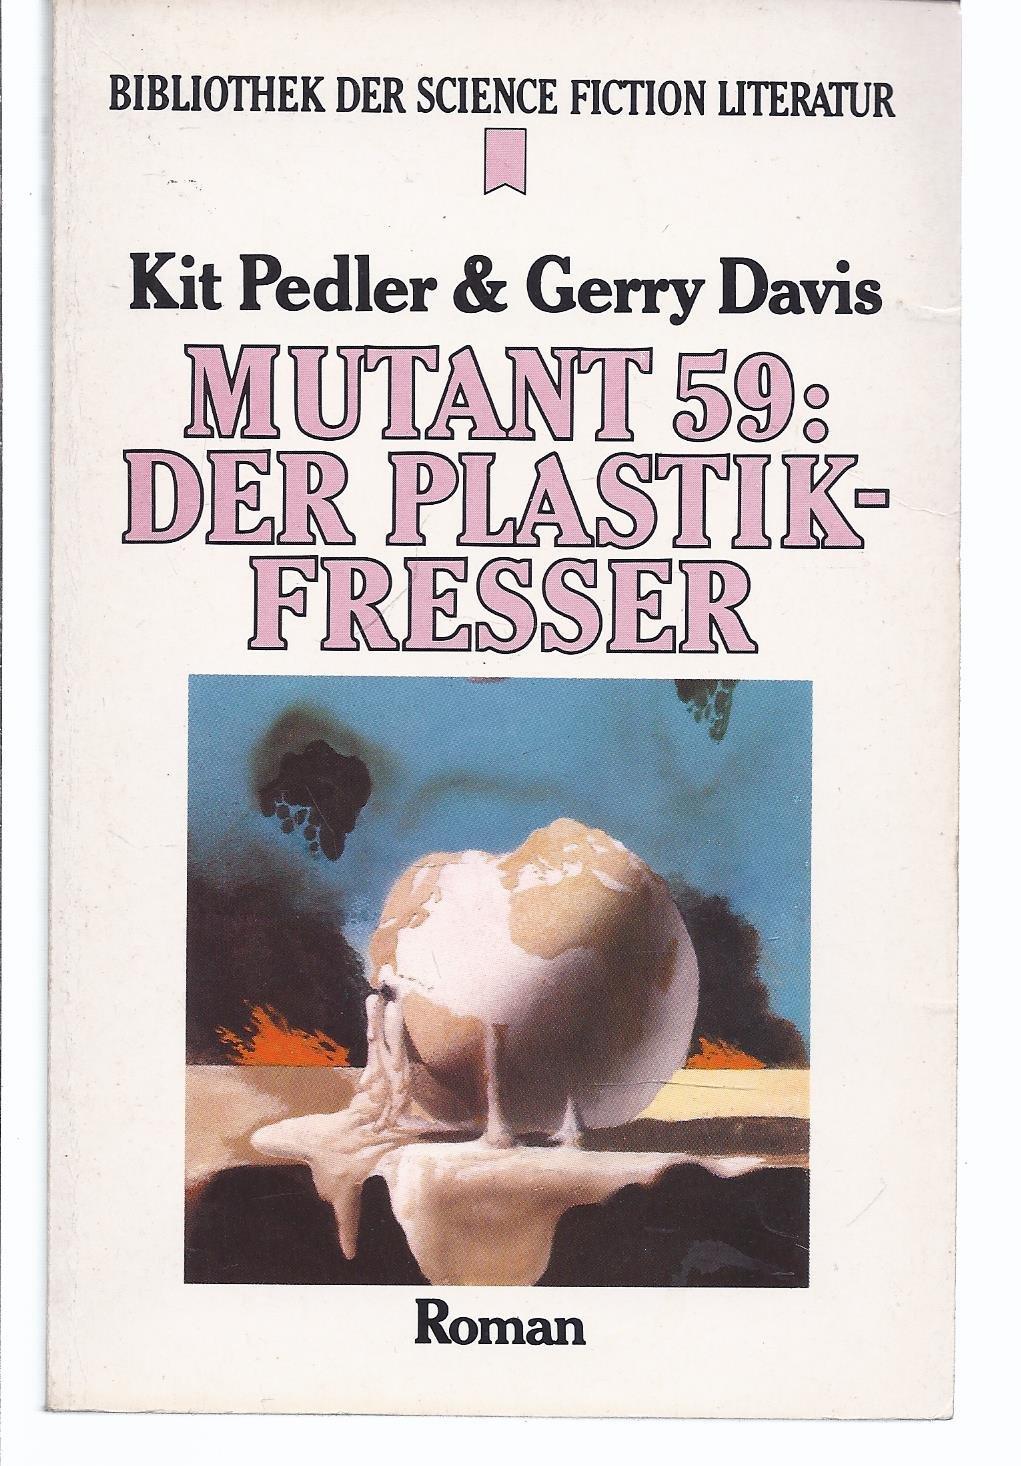 Kit Pedler & Gerry Davis - Mutant 59: Der Plastikfresser